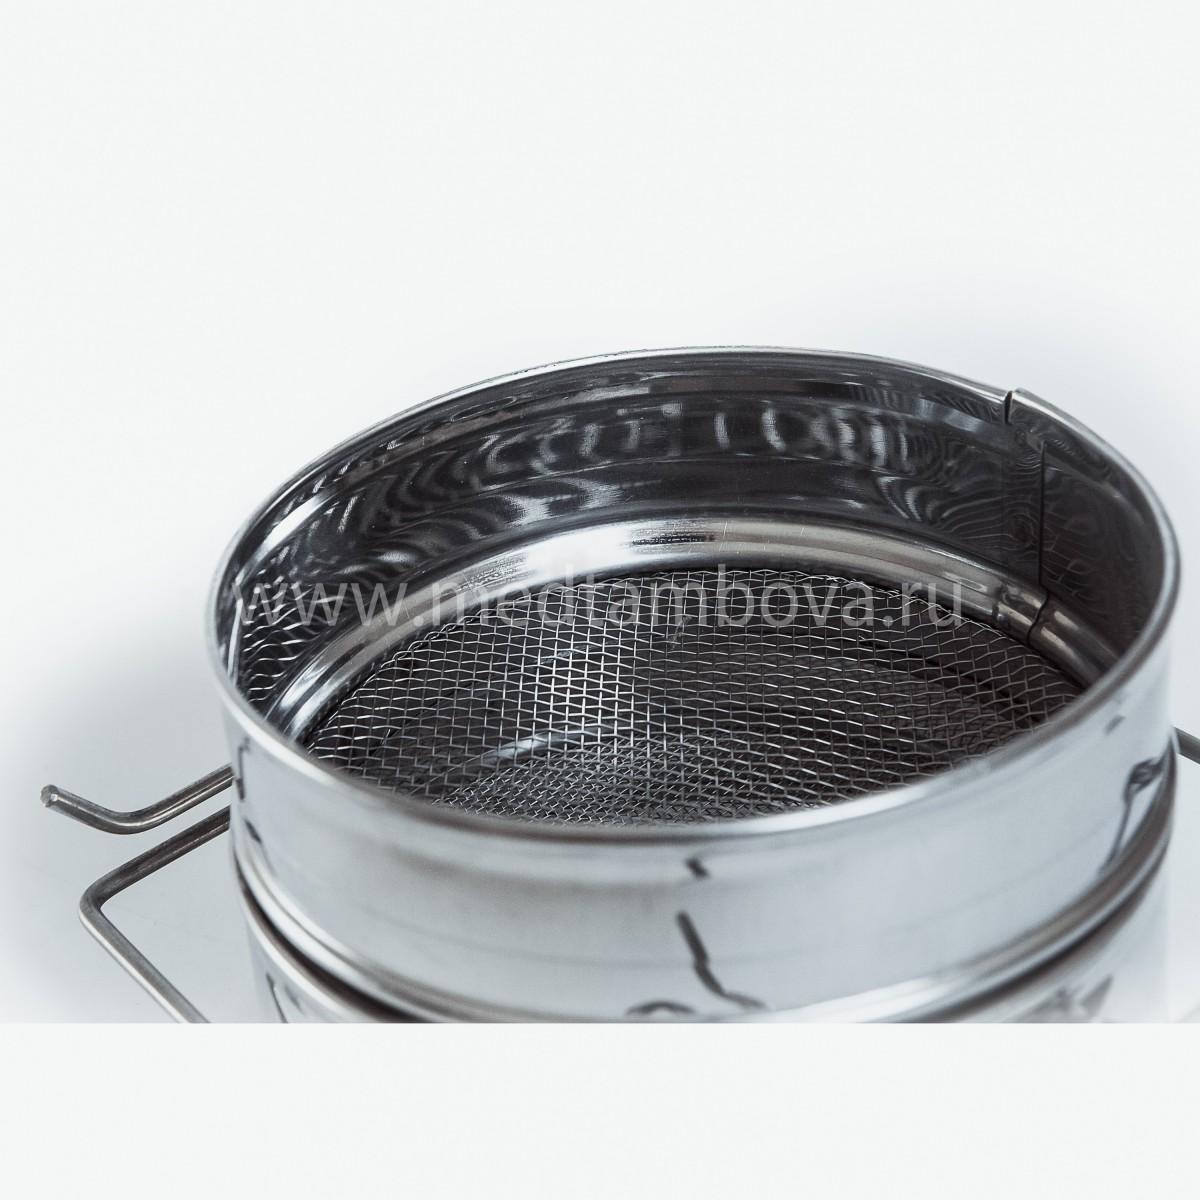 Сито-фильтр 160 мм нержавейка